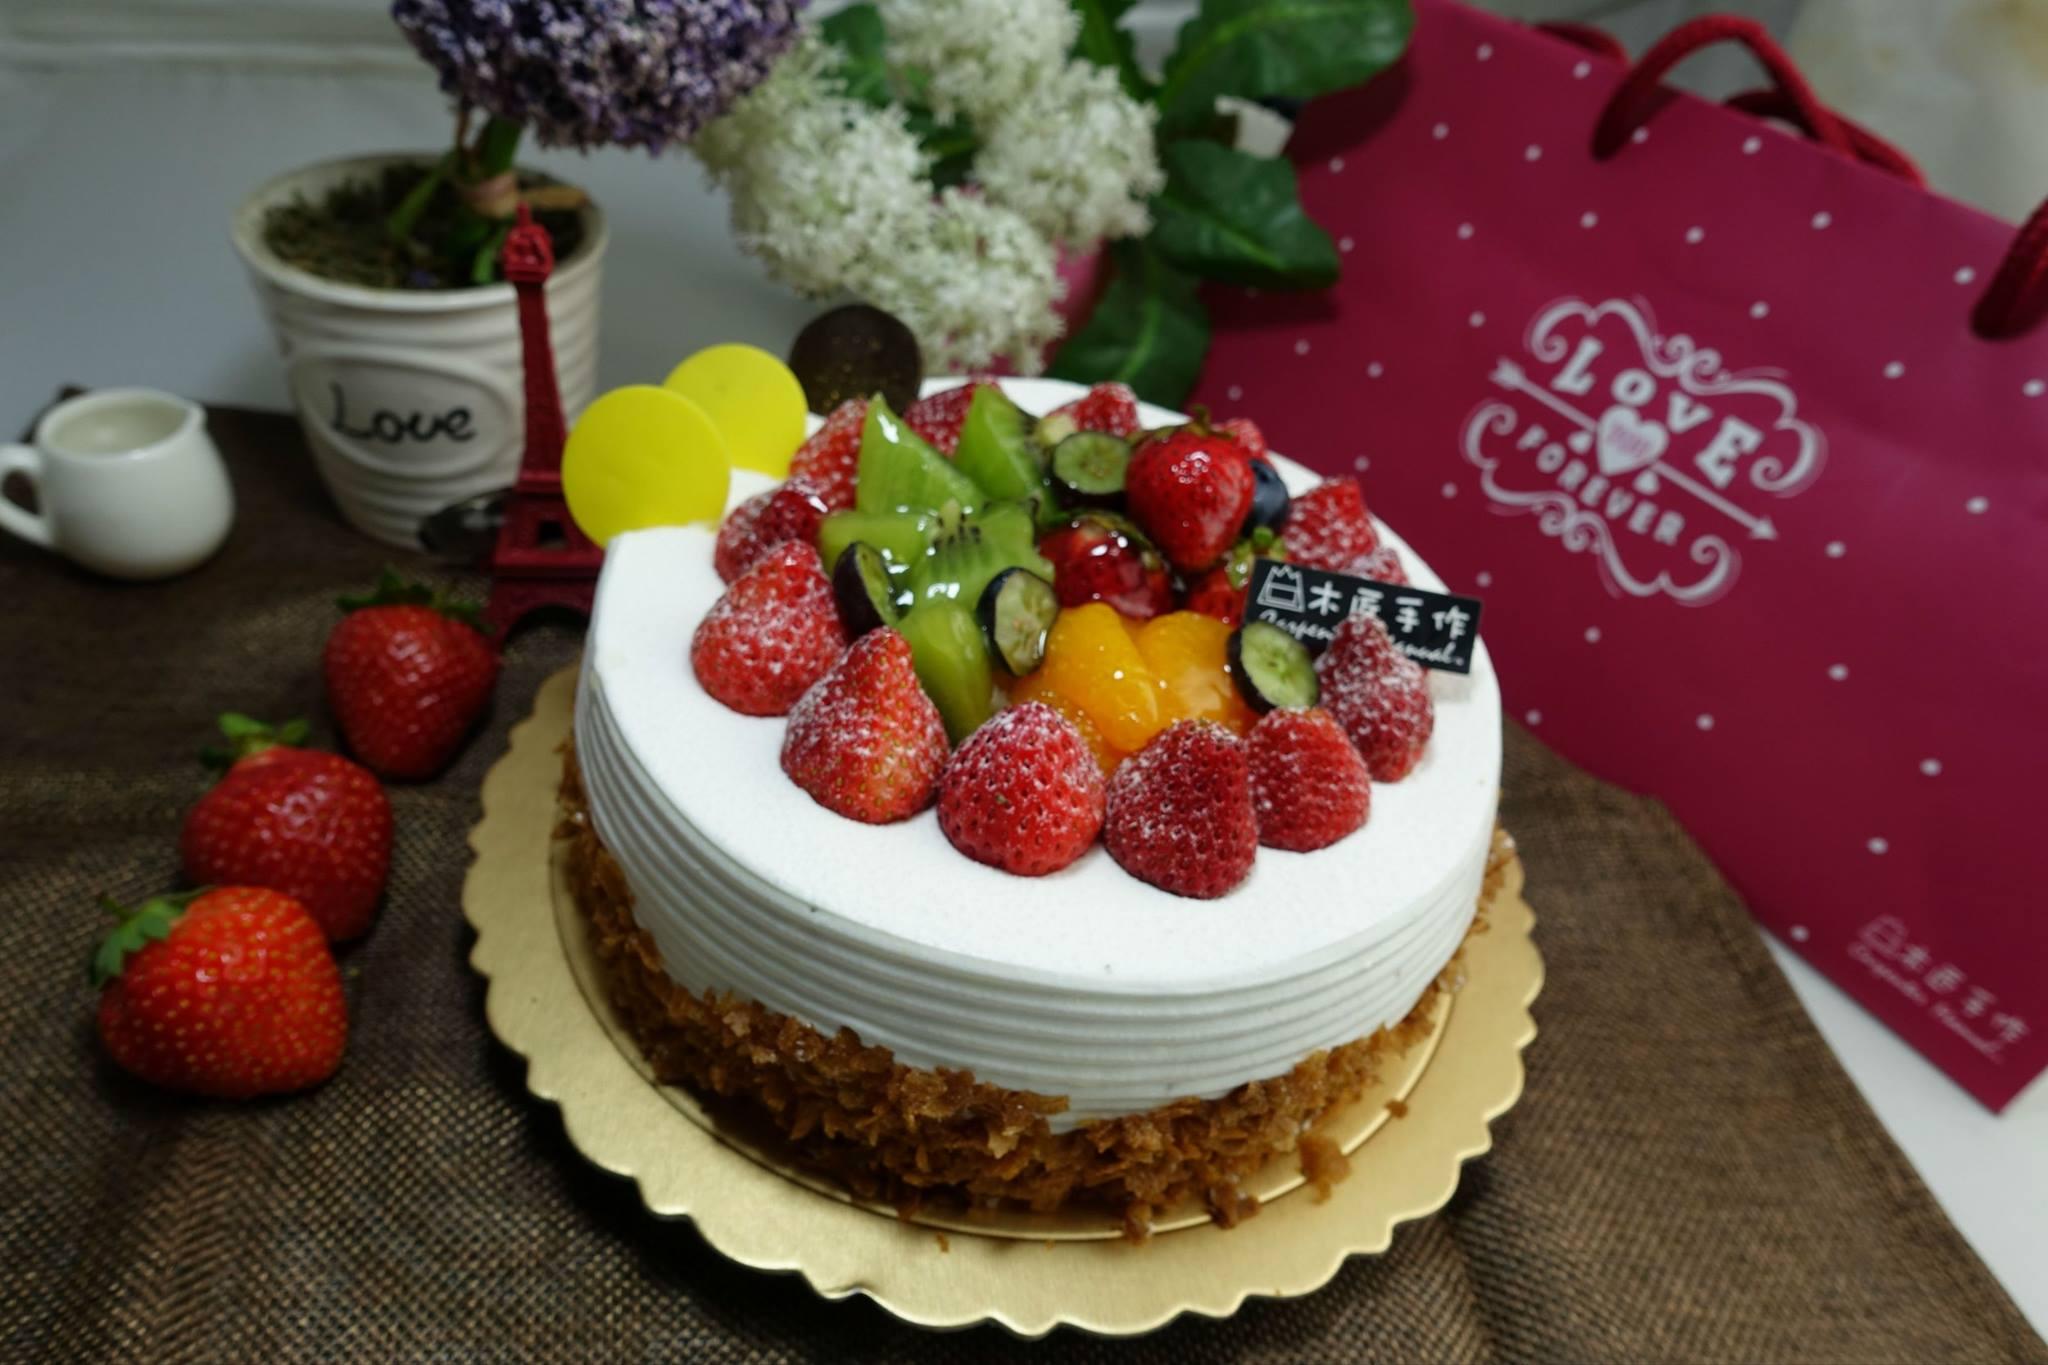 木匠手作★客製化生日蛋糕(8吋) 2